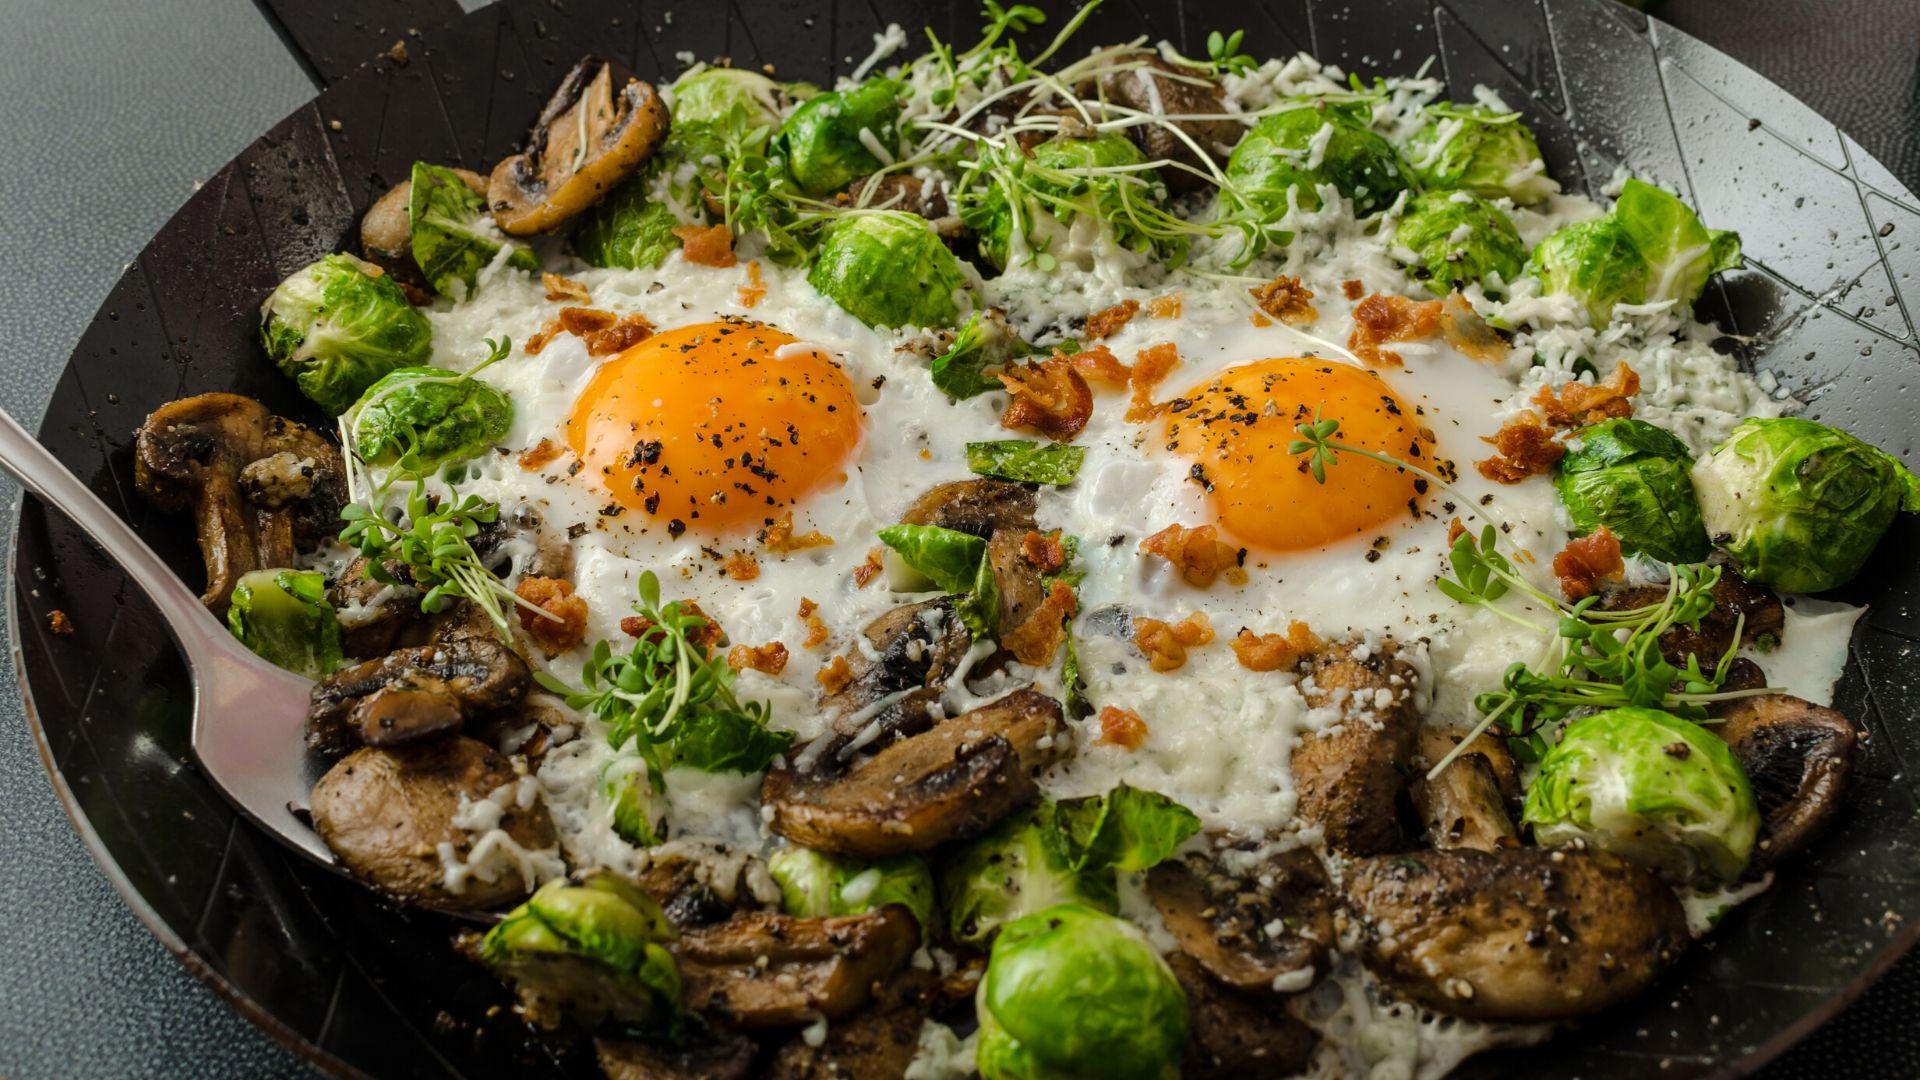 Gyors és egészséges reggeli-, ebéd- és vacsorareceptek 10 perc alatt | nlc